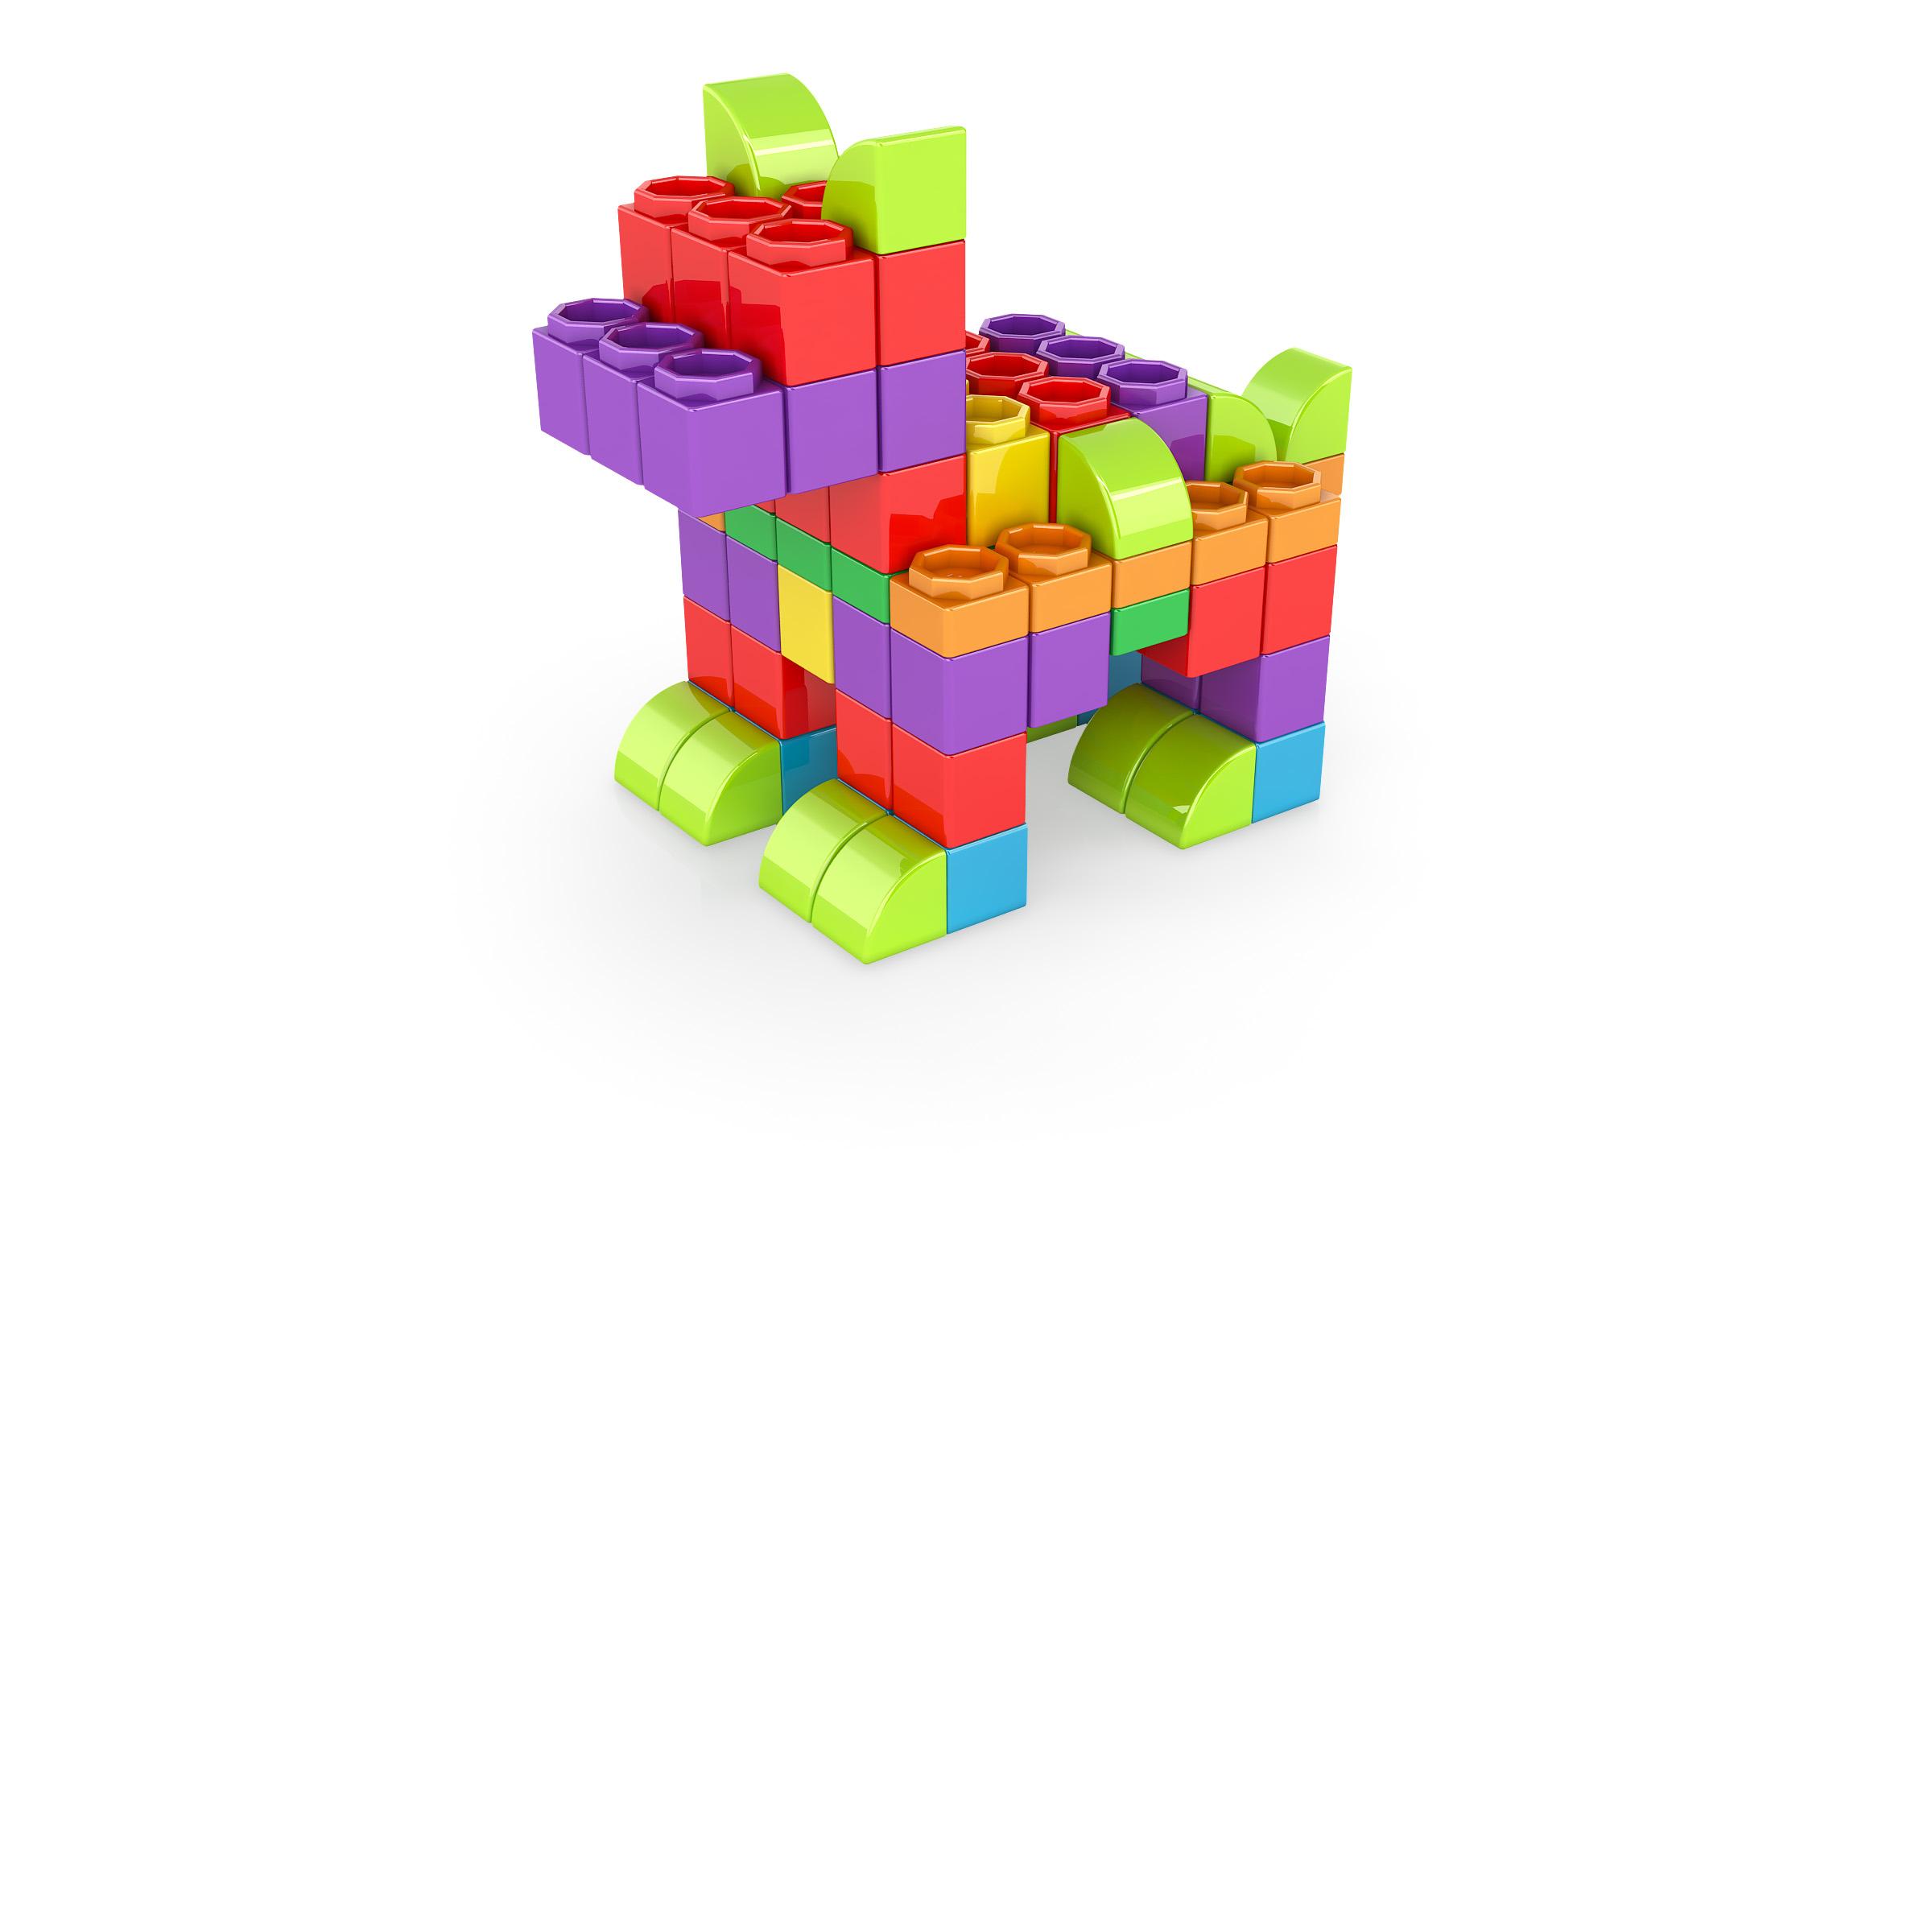 , BigDog, משחקי חשיבה לילדים engino, משחקים לגיל הרך playgro, משחק הרכבות אנג'ינו, משחקי רכבות